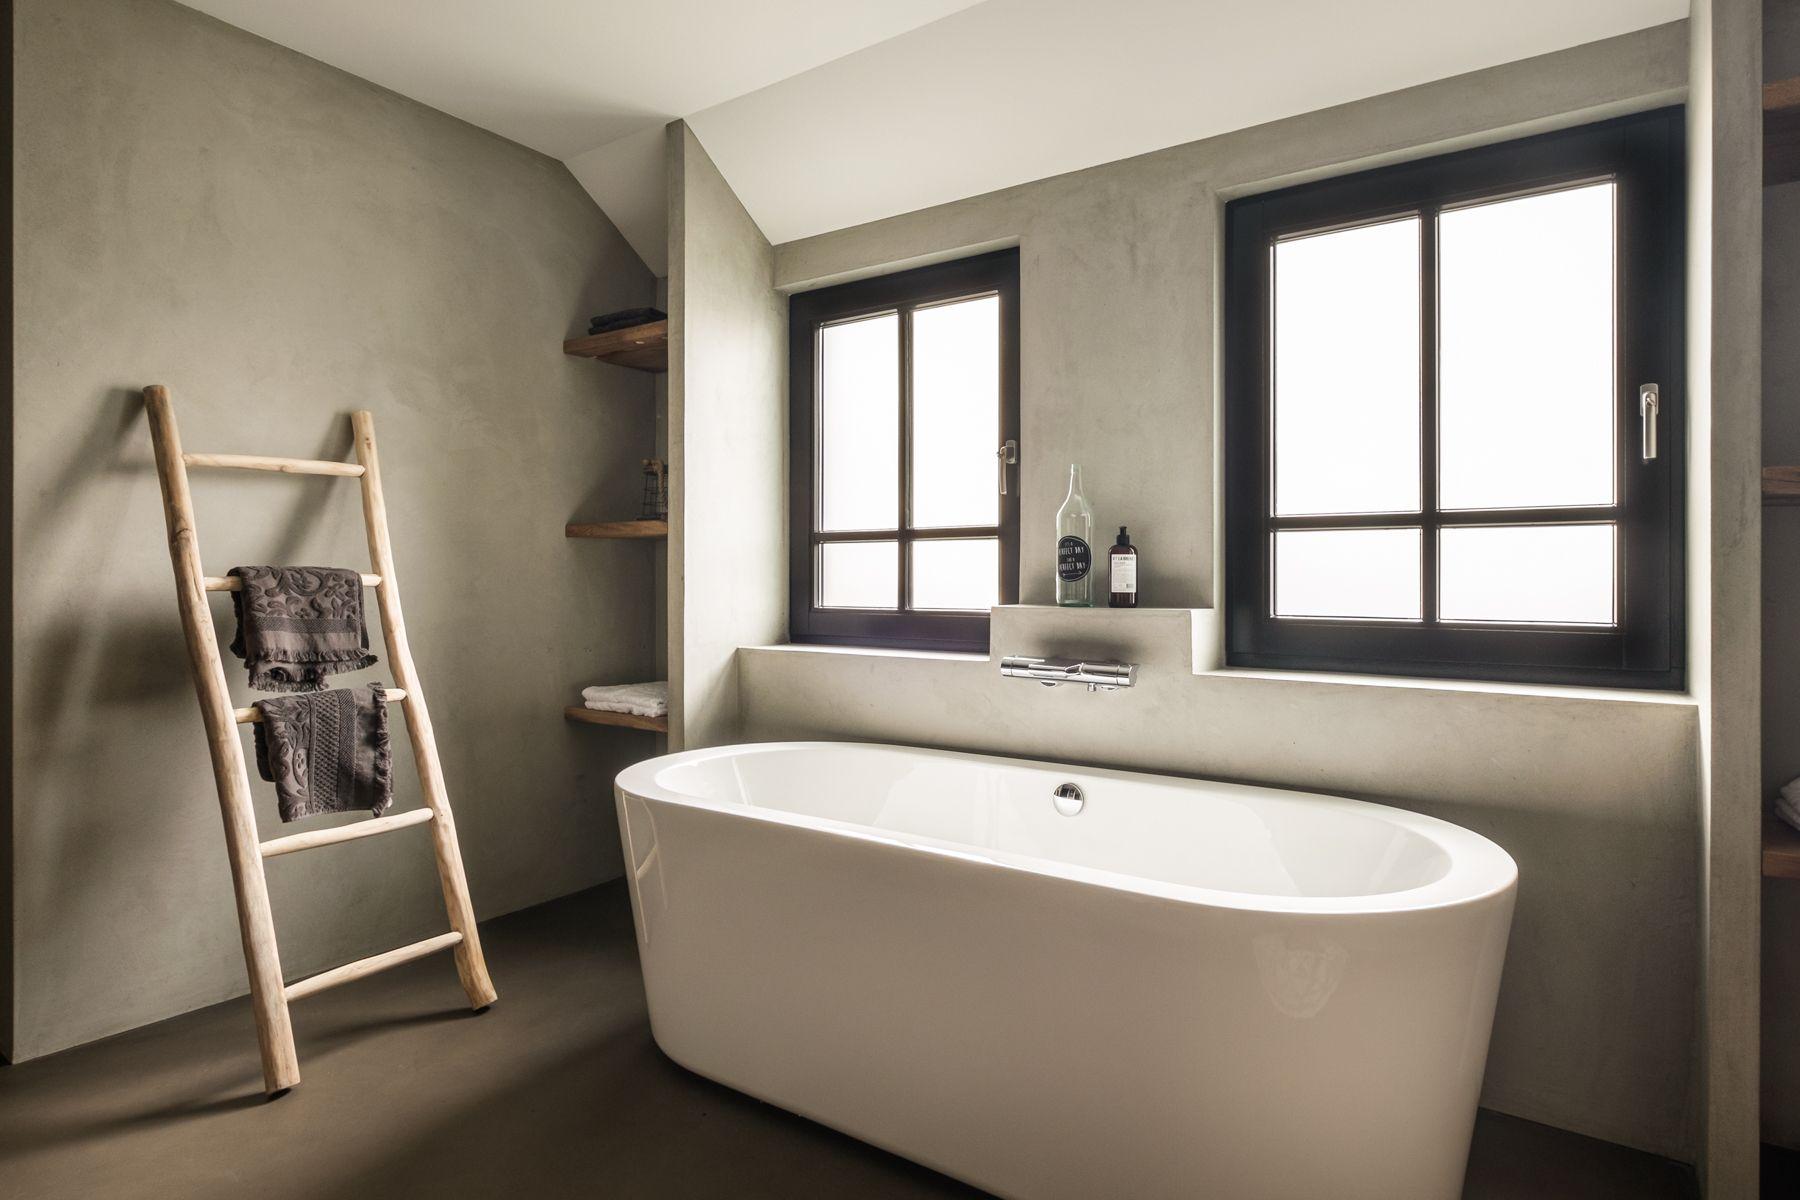 Wanden en vloer geheel voorzien van naturelook betonlook